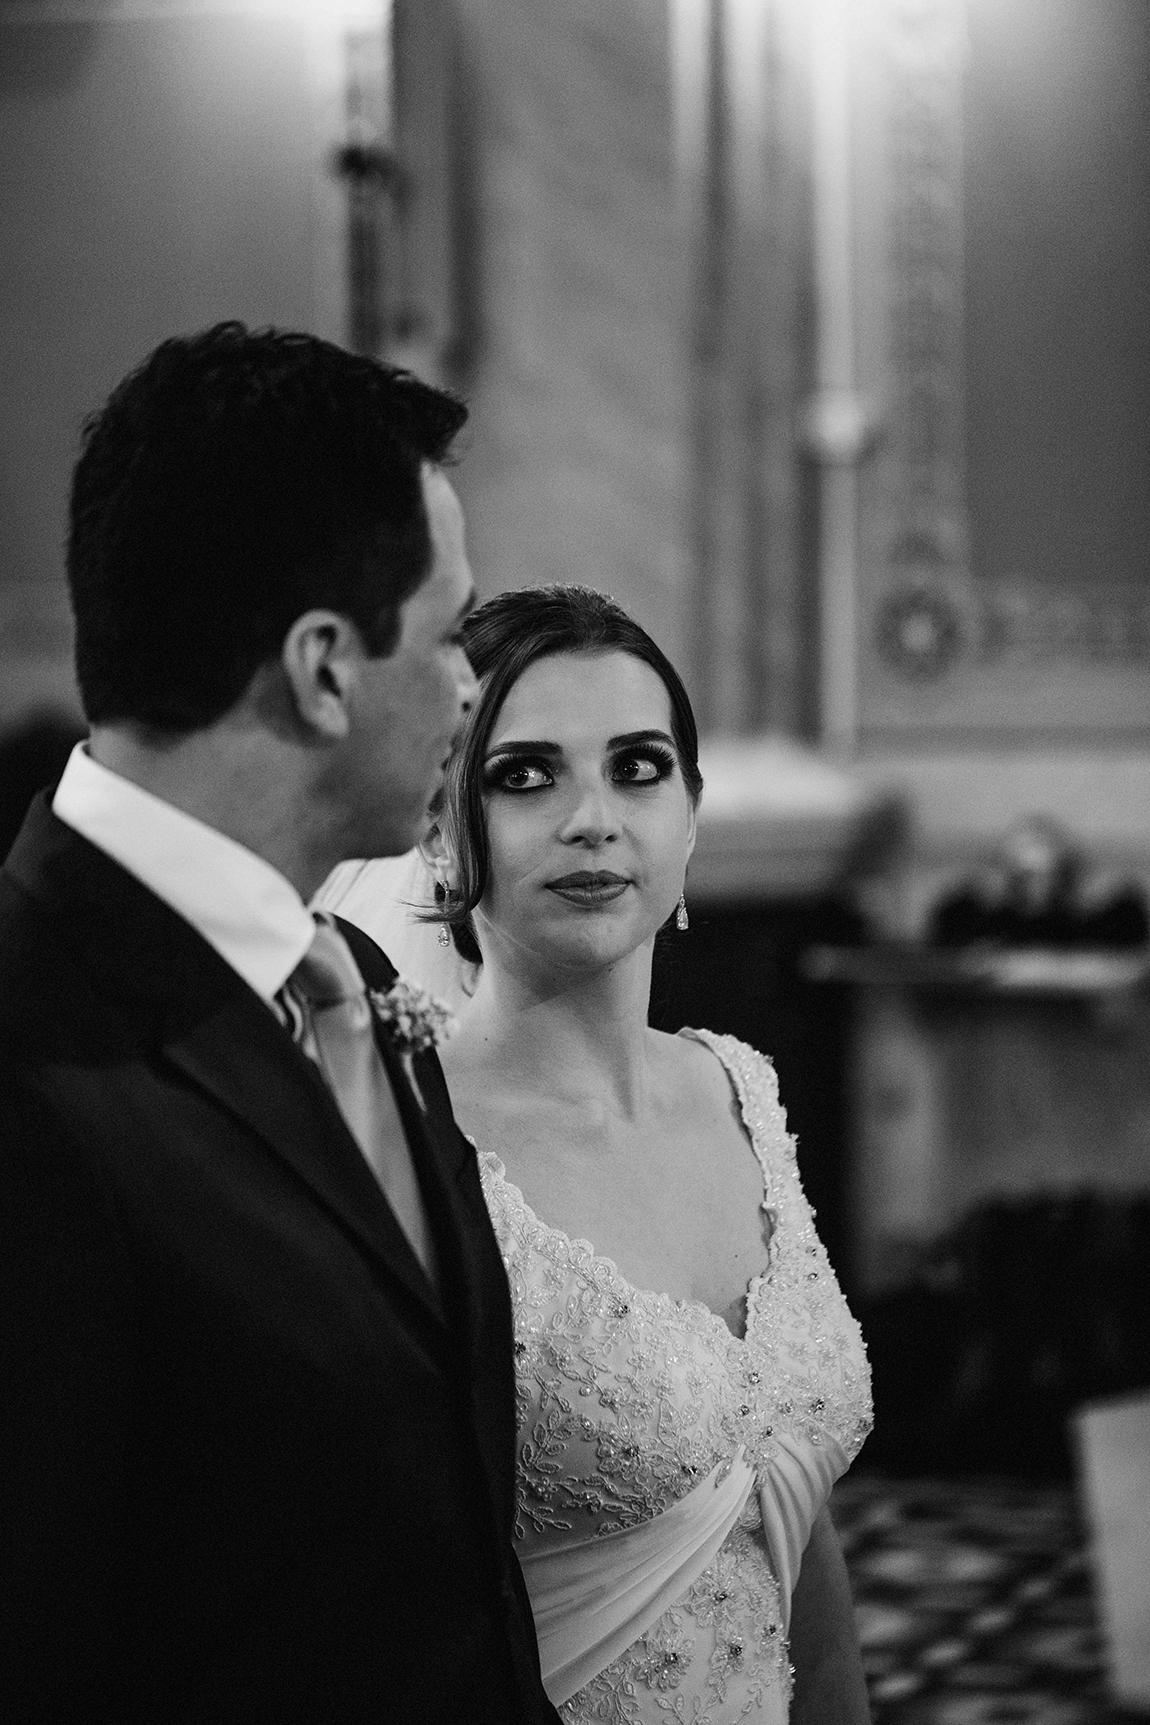 mariana-alves-fotografia-casamento-tais-fabricio-curitiba- (55)